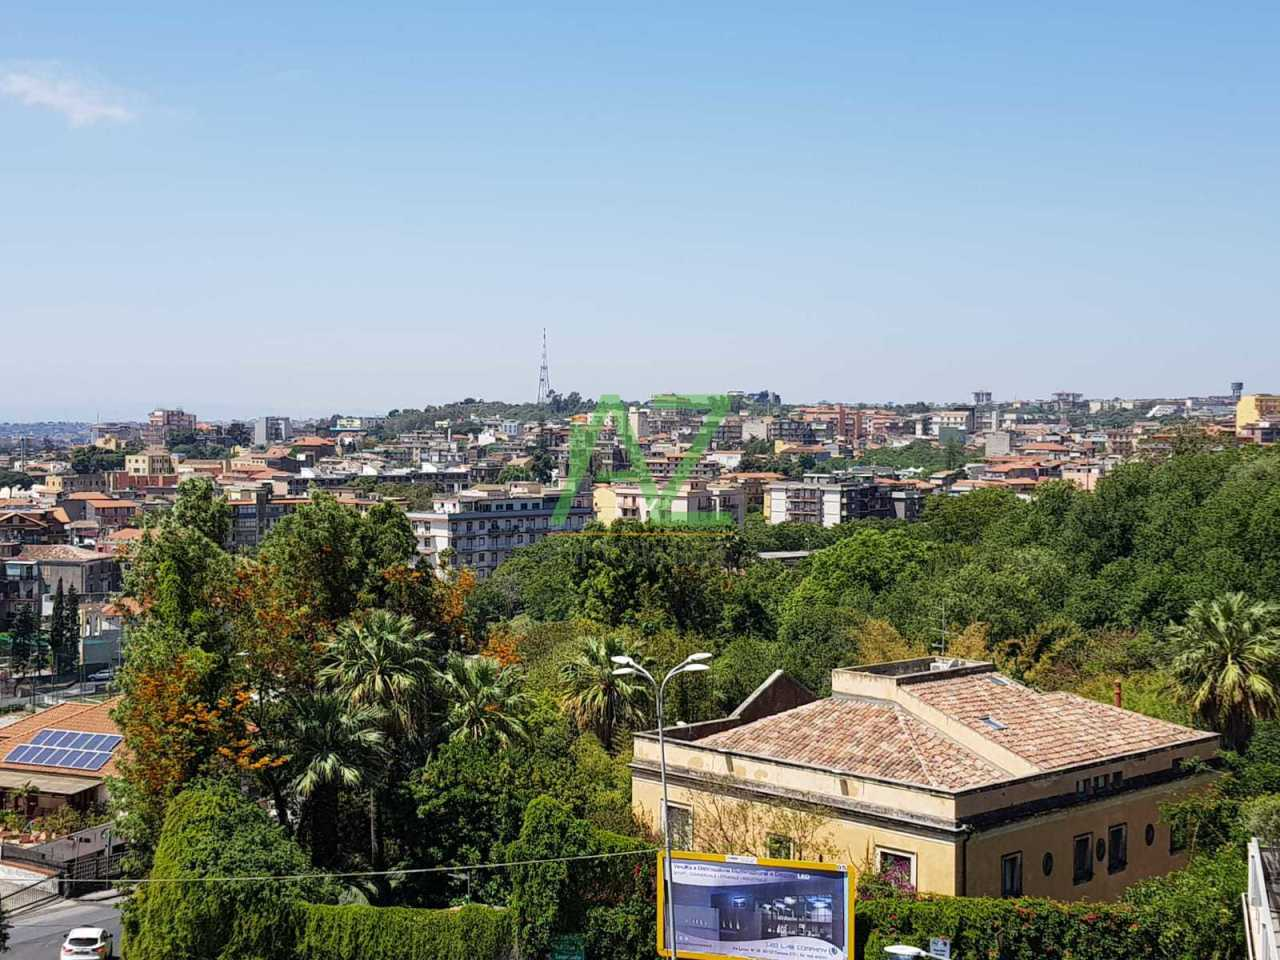 Appartamento - 3 vani a Canalicchio, Tremestieri Etneo